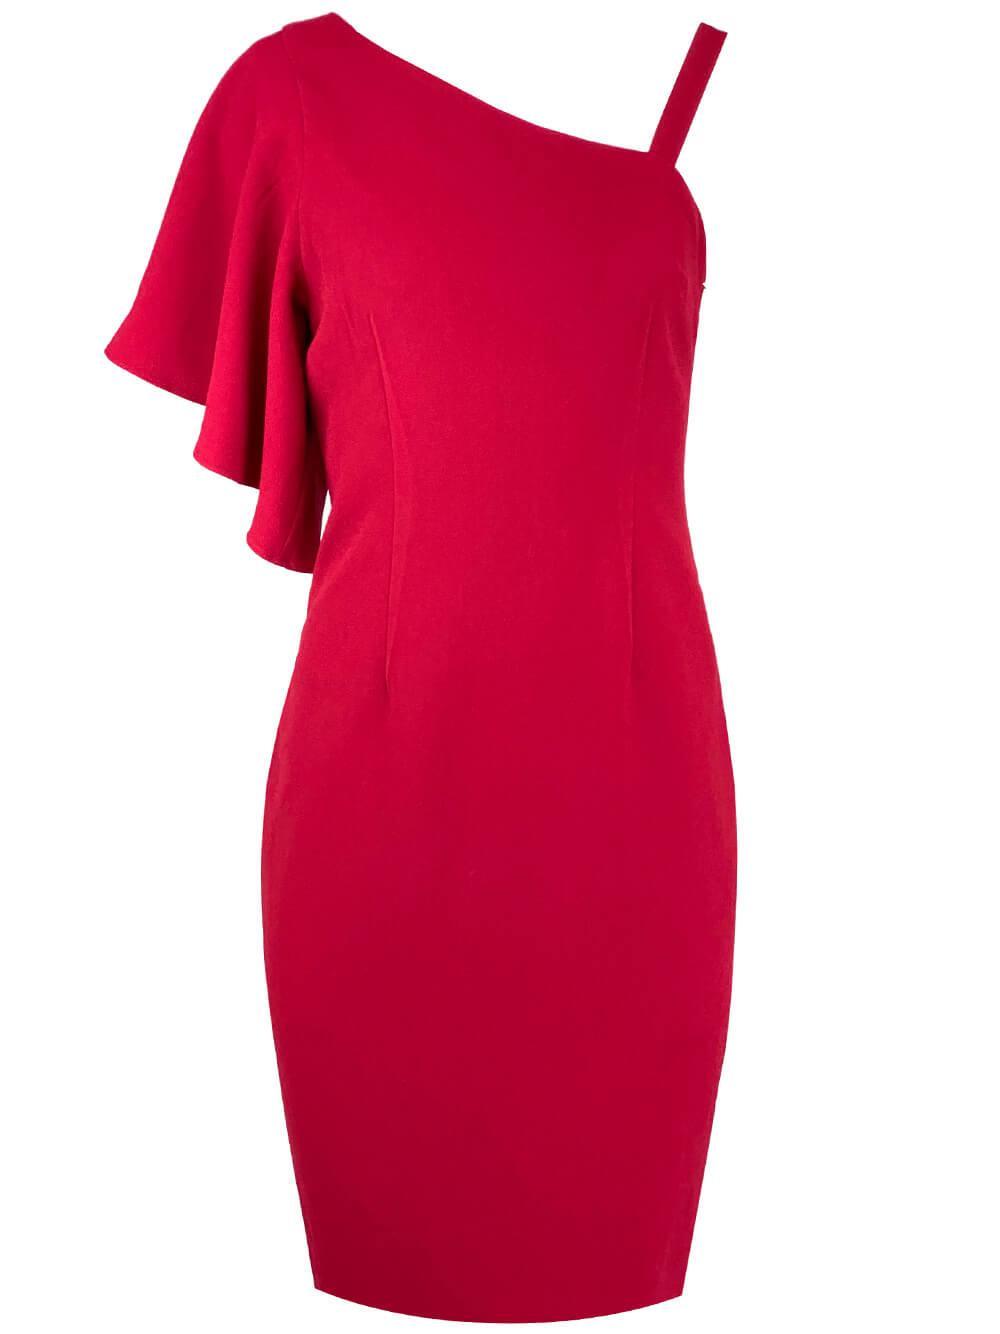 Upbeat Dress Item # 2108311CL1